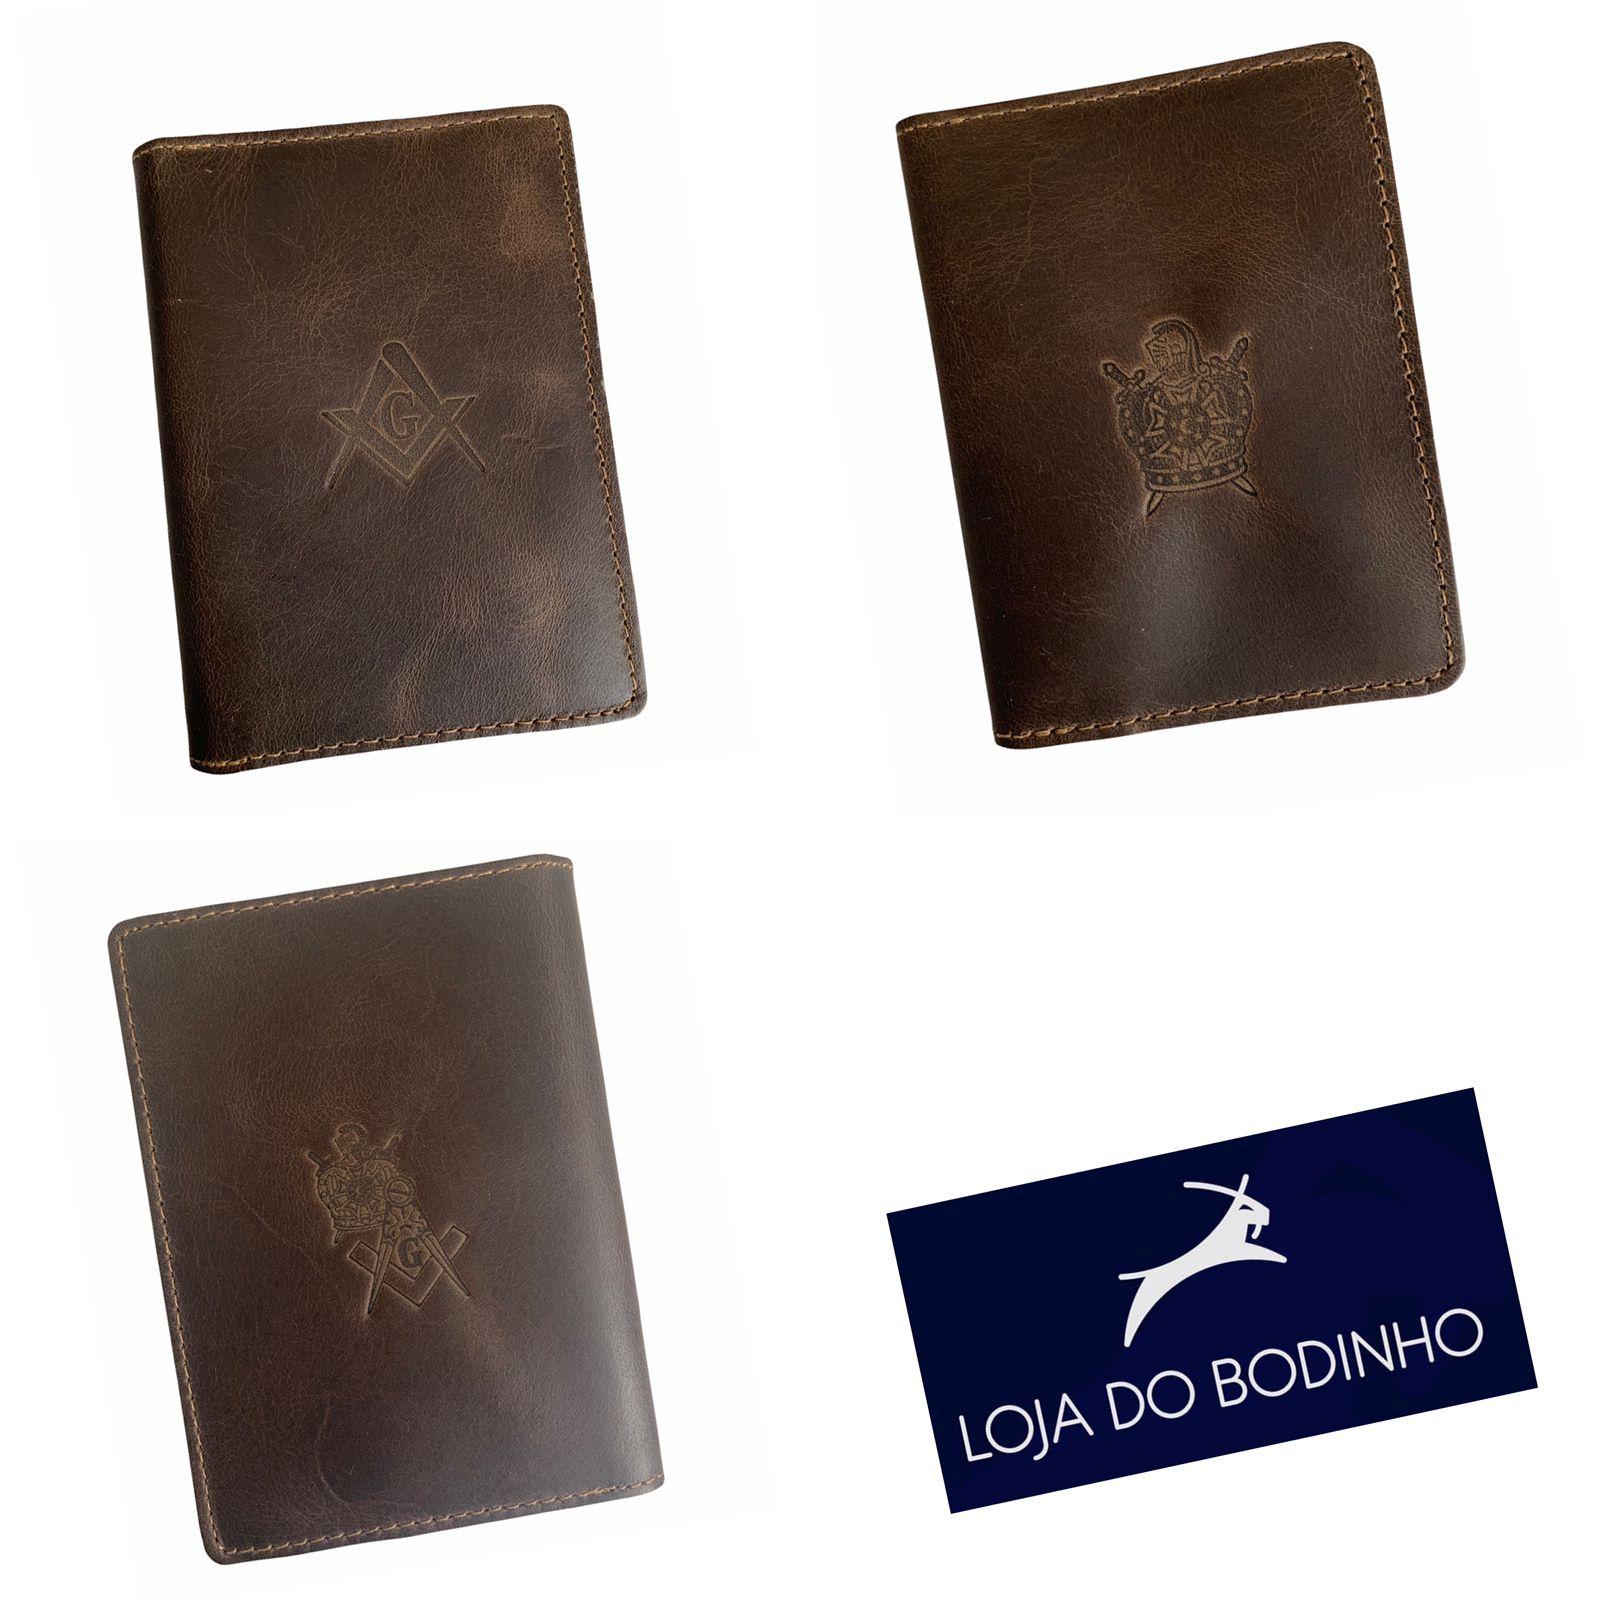 Carteira e Porta Documentos Cabe RG - Escolha a estampa - 100% Couro Legítimo - Marrom Escuro